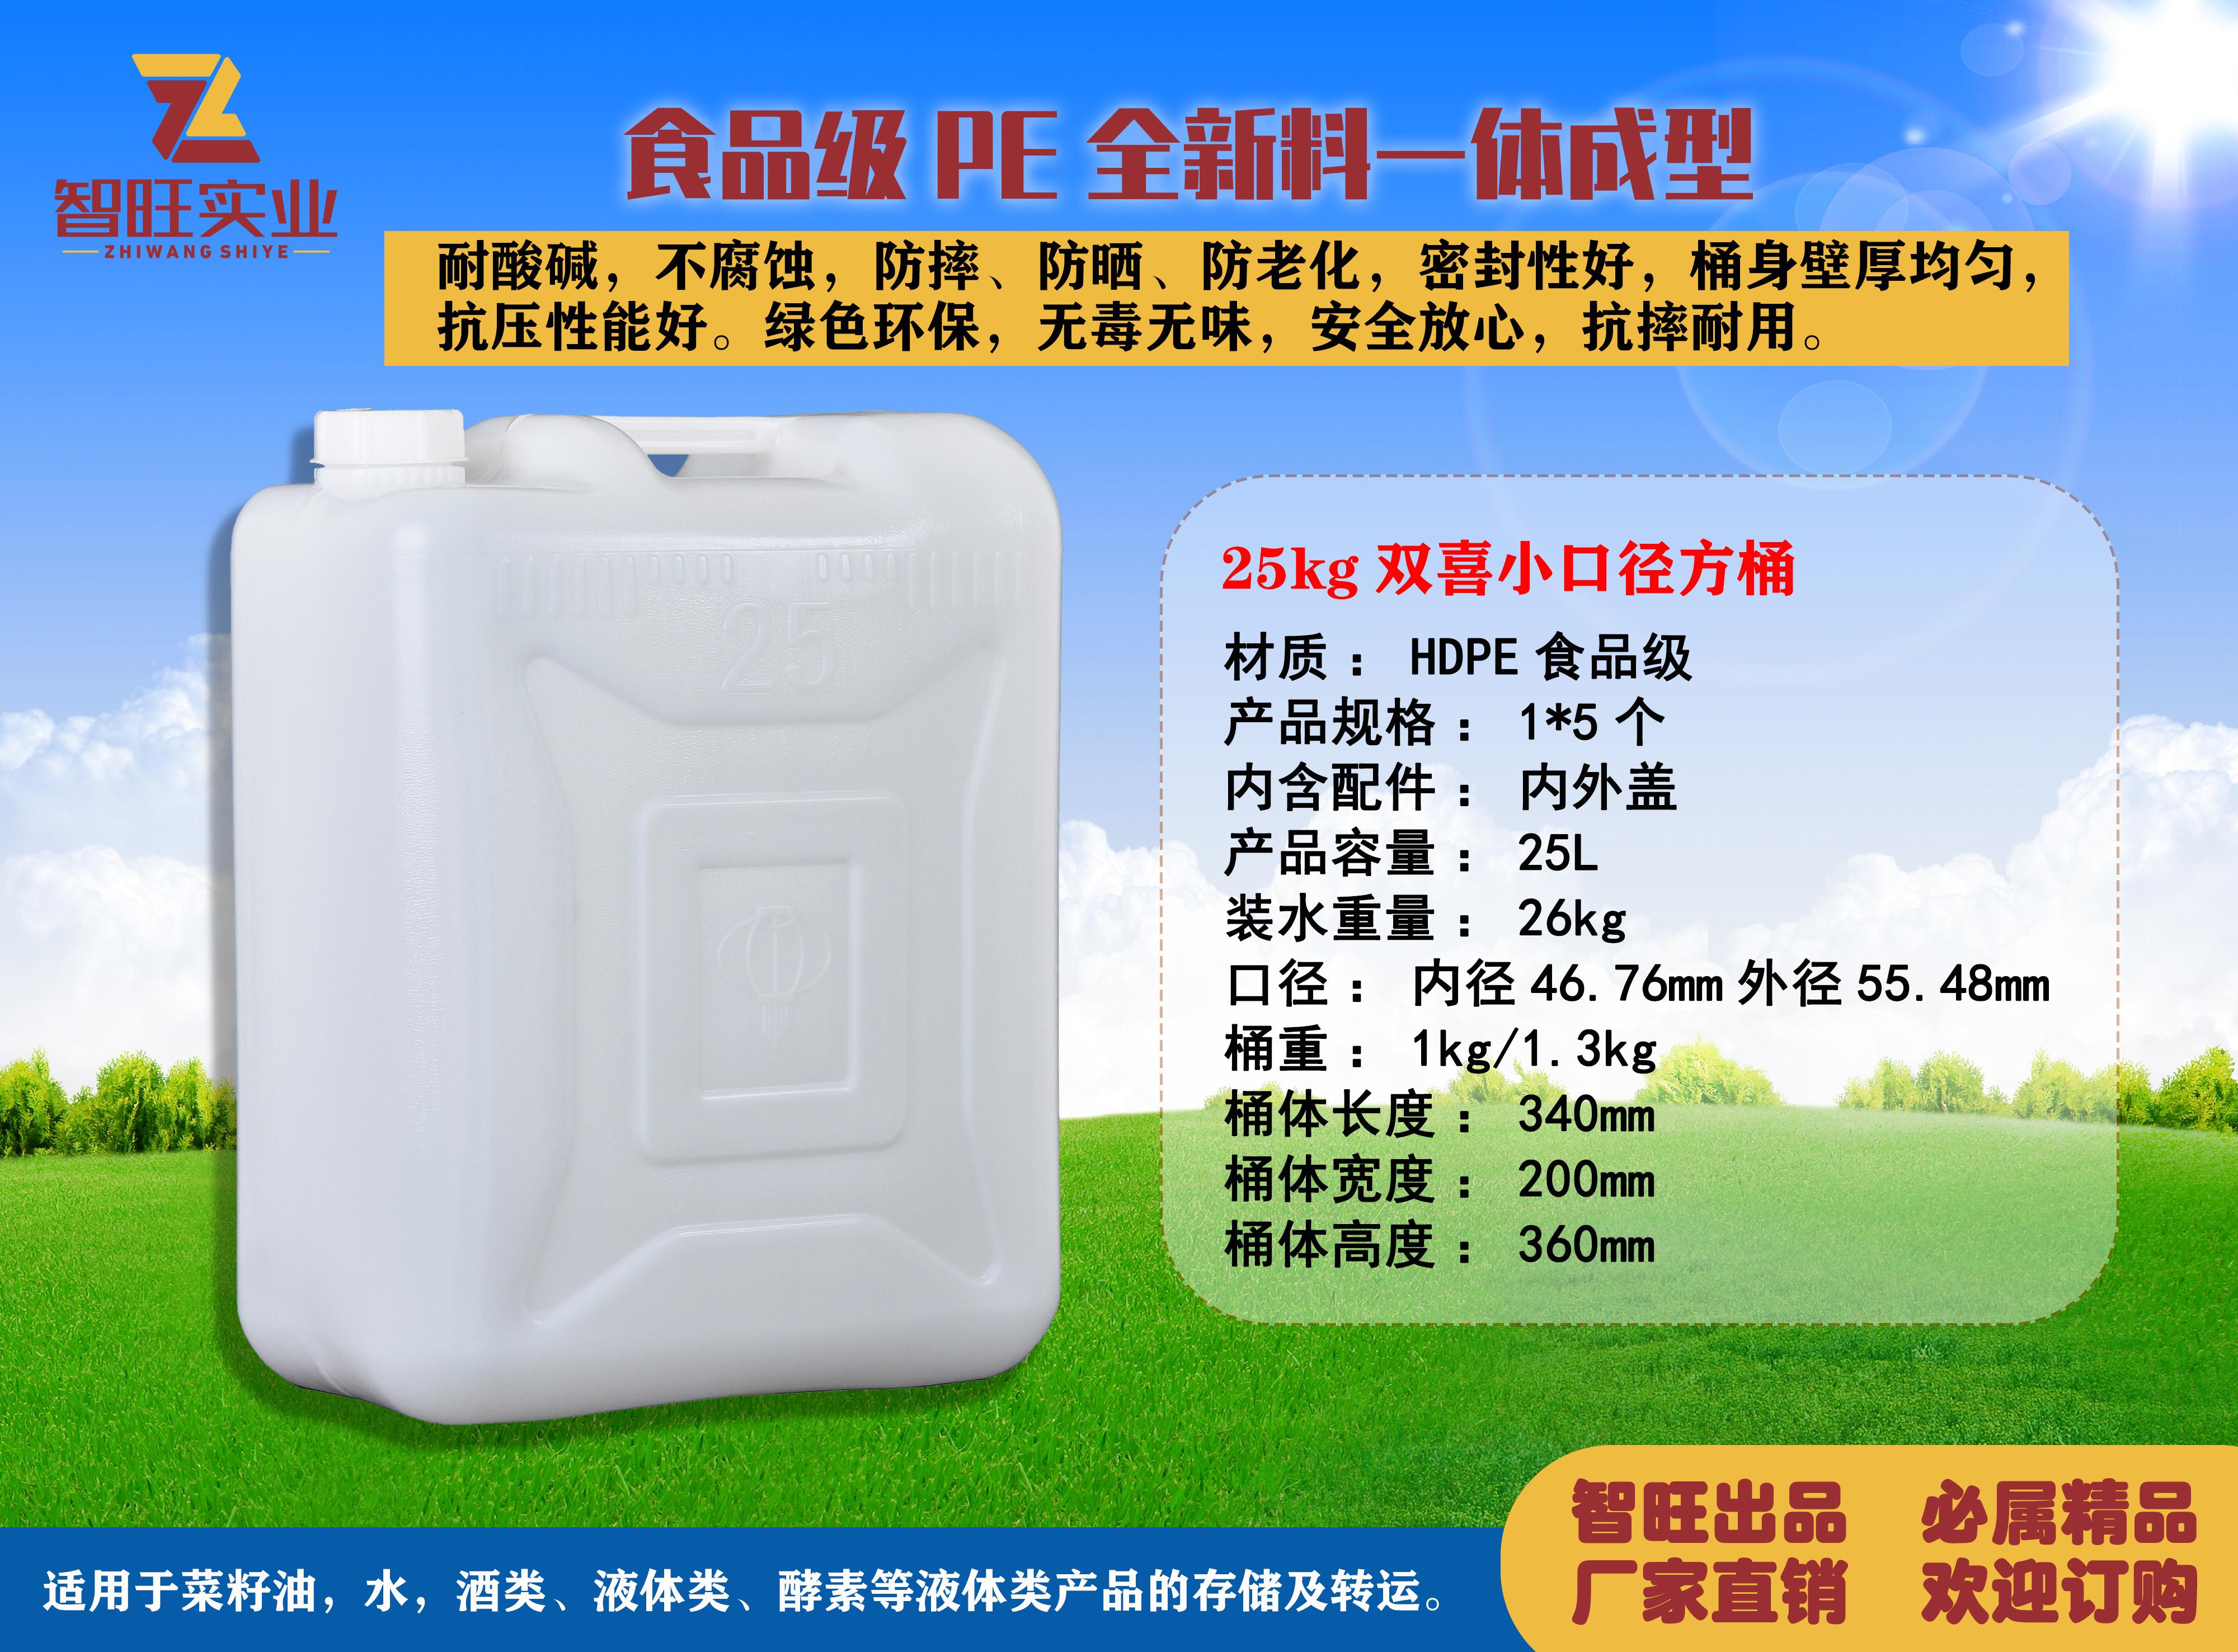 25kg雙喜小口徑方桶